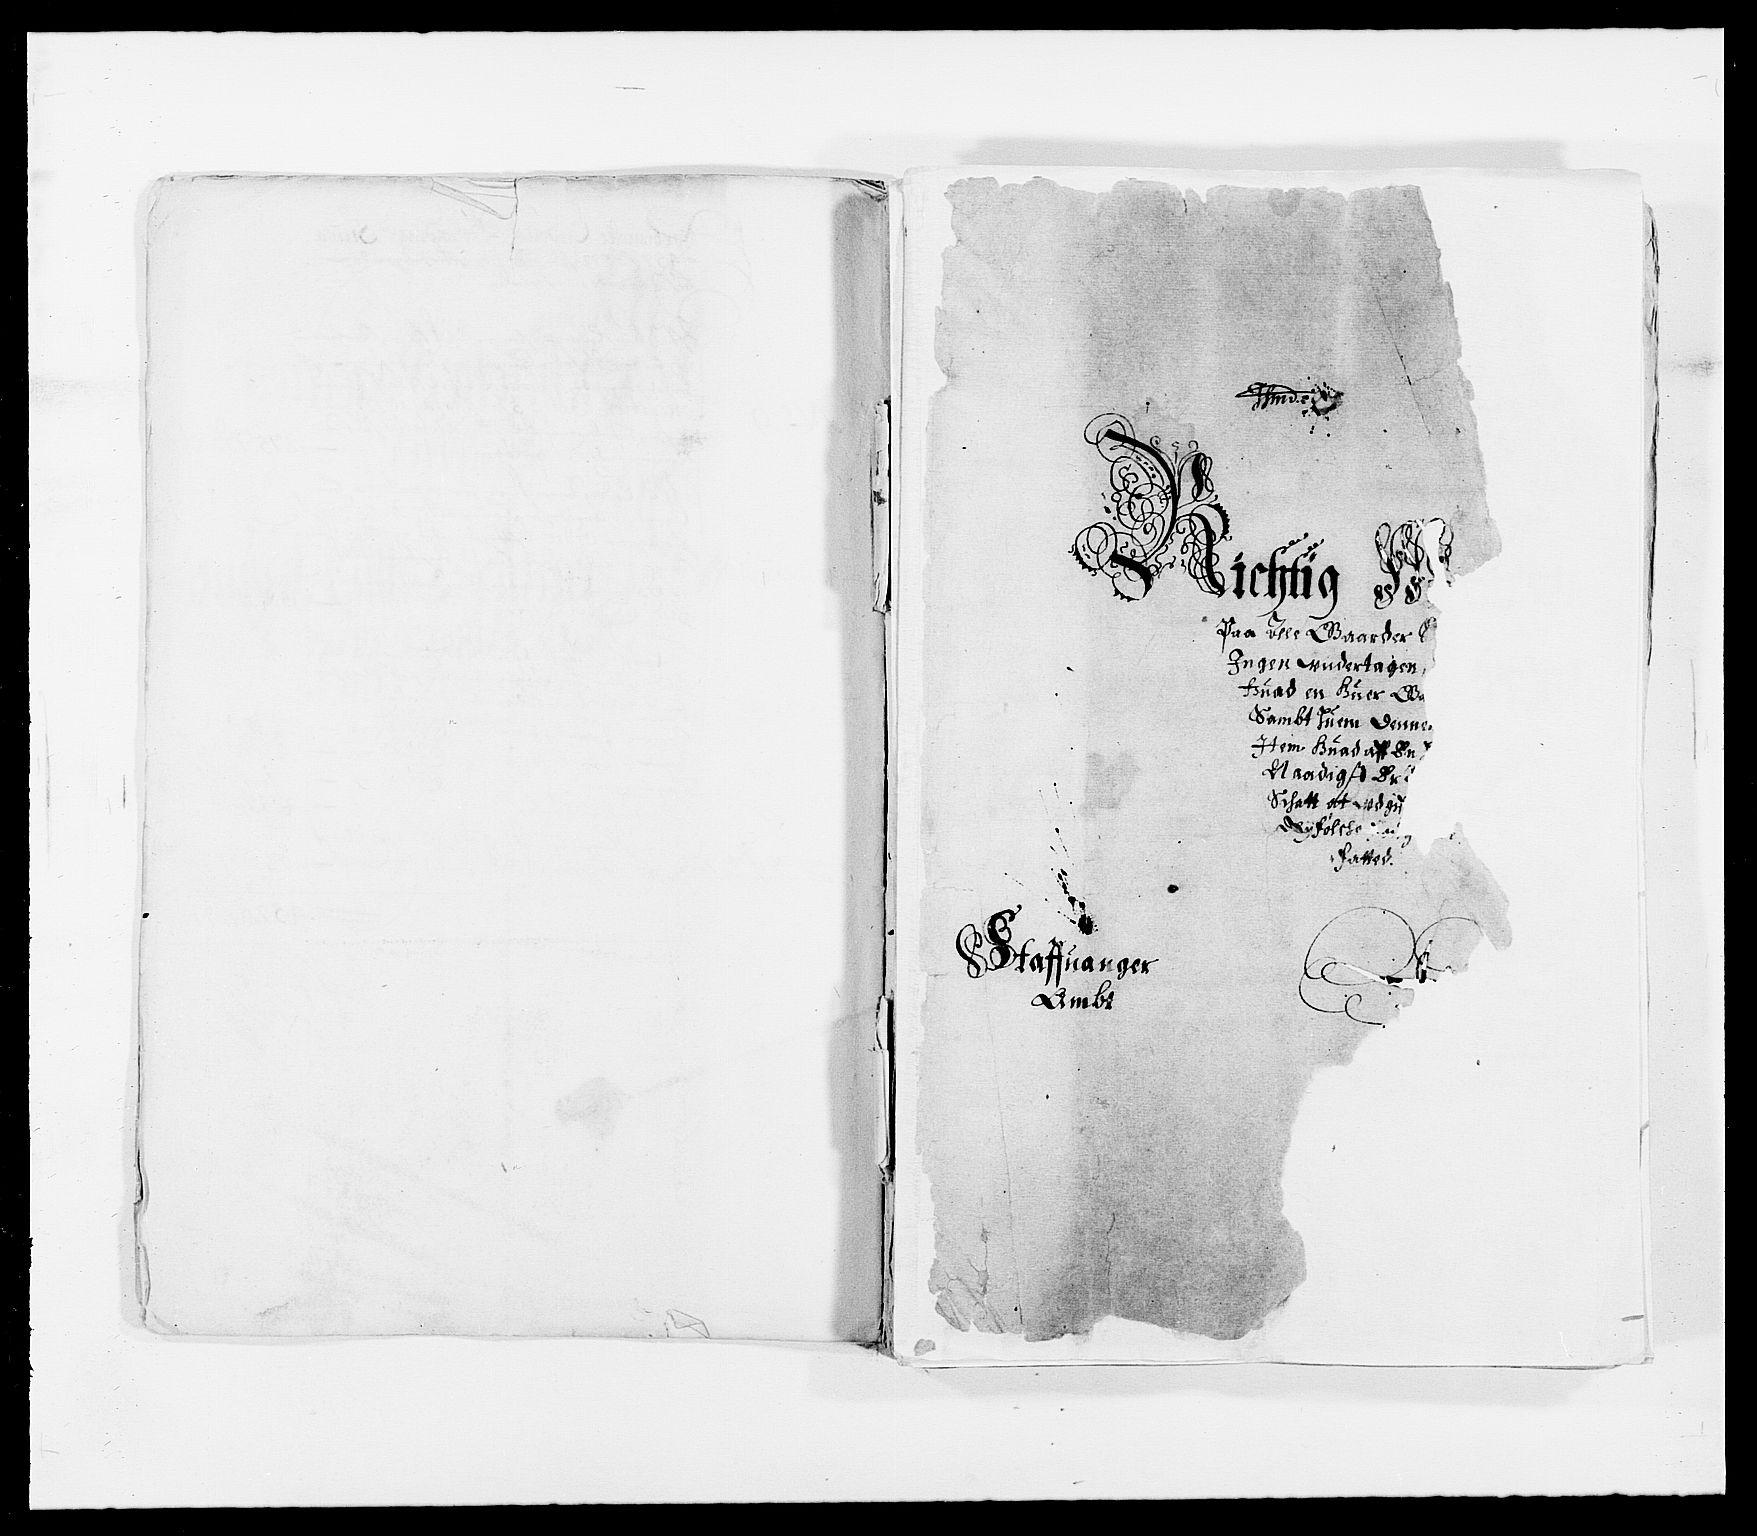 RA, Rentekammeret inntil 1814, Reviderte regnskaper, Fogderegnskap, R47/L2843: Fogderegnskap Ryfylke, 1670-1671, s. 216